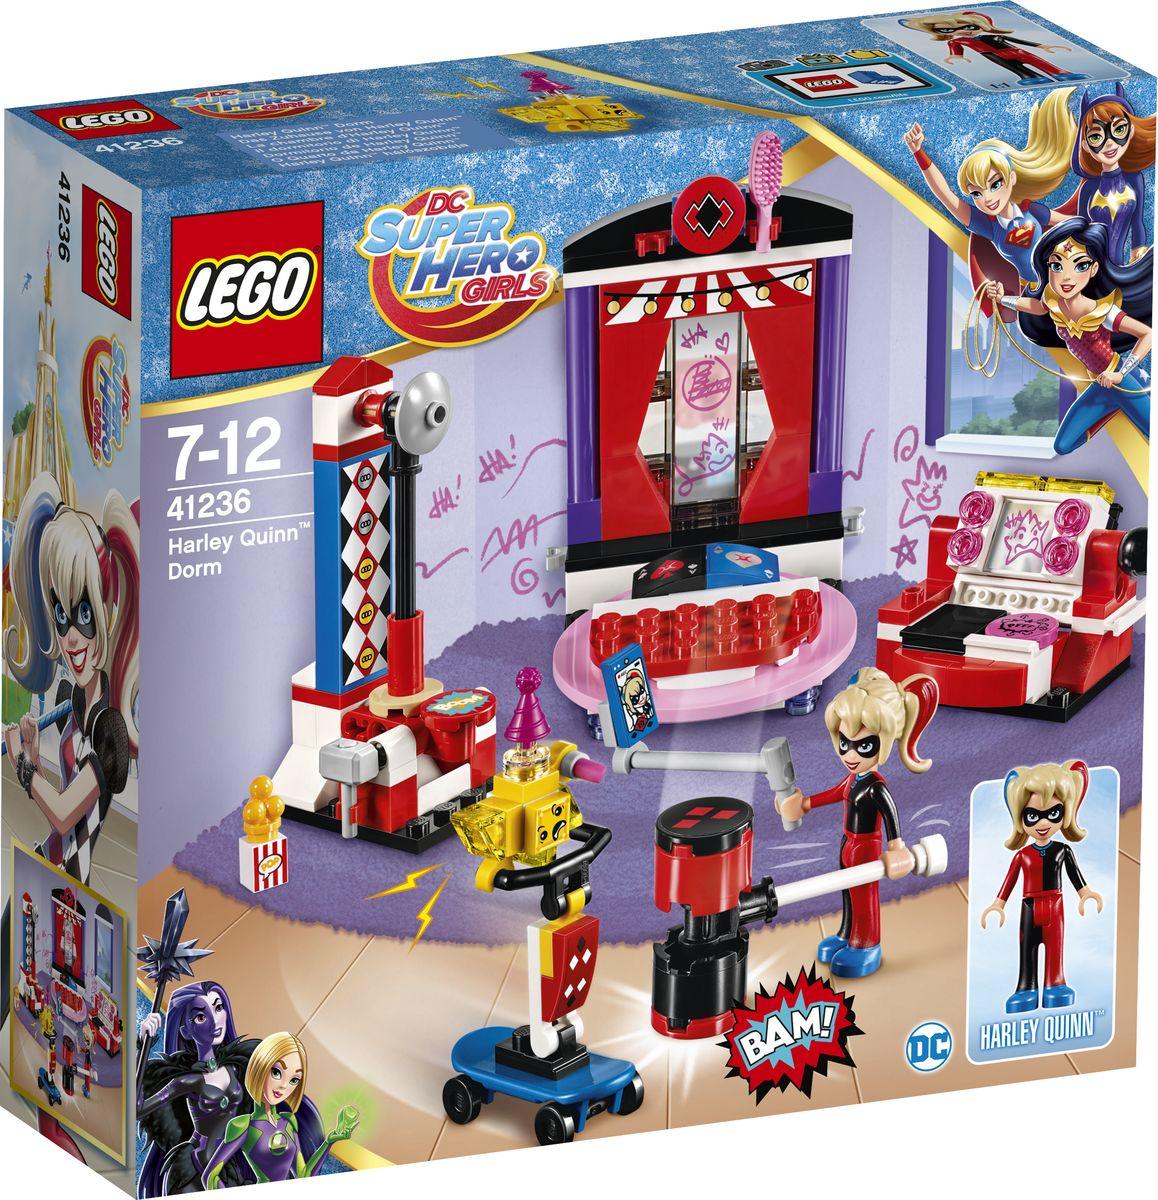 LEGO DC Super Hero Girls Конструктор Дом Харли Квинн 41236 видео фильм как поймать живую куницу